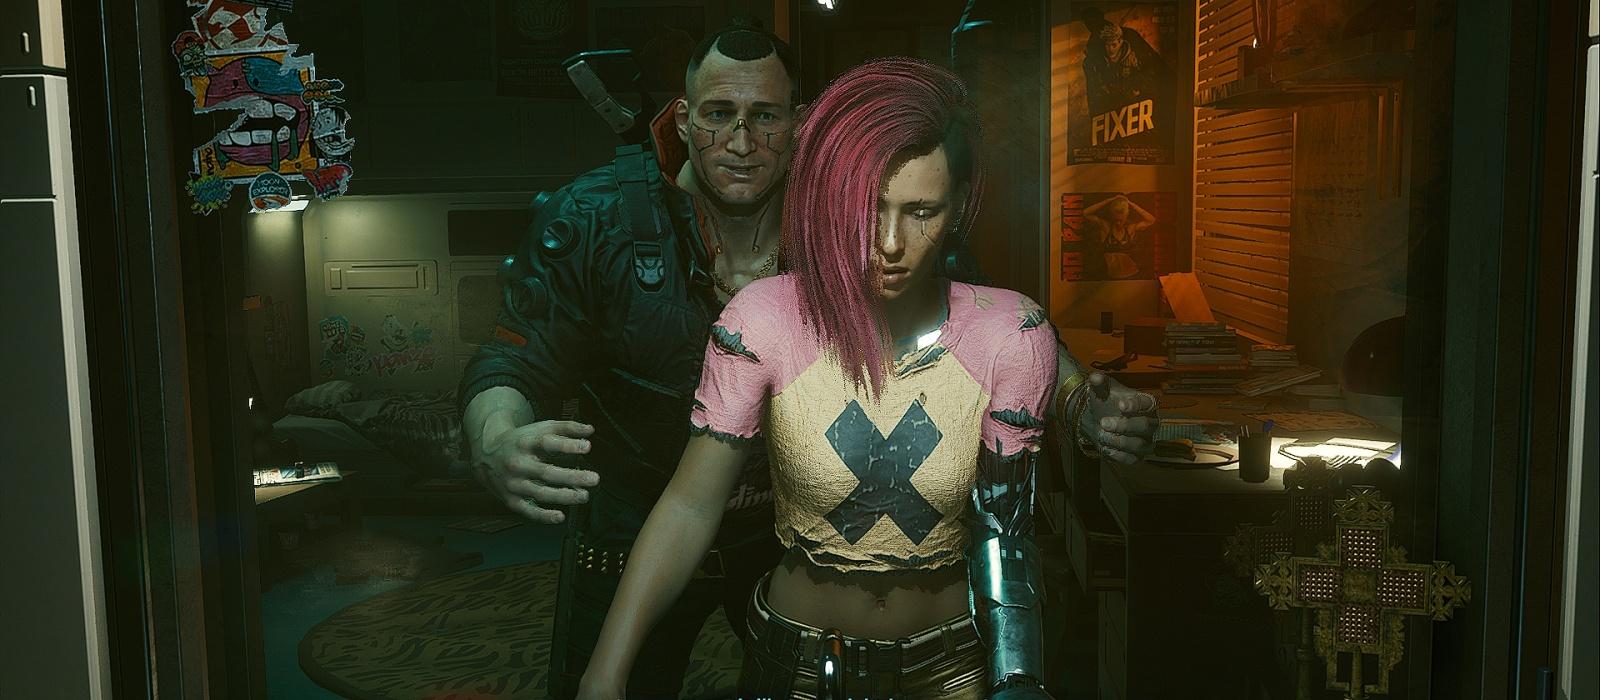 Johnny wird nicht mehr benötigt!  Vee hat jetzt seinen eigenen mechanischen Arm in Cyberpunk 2077